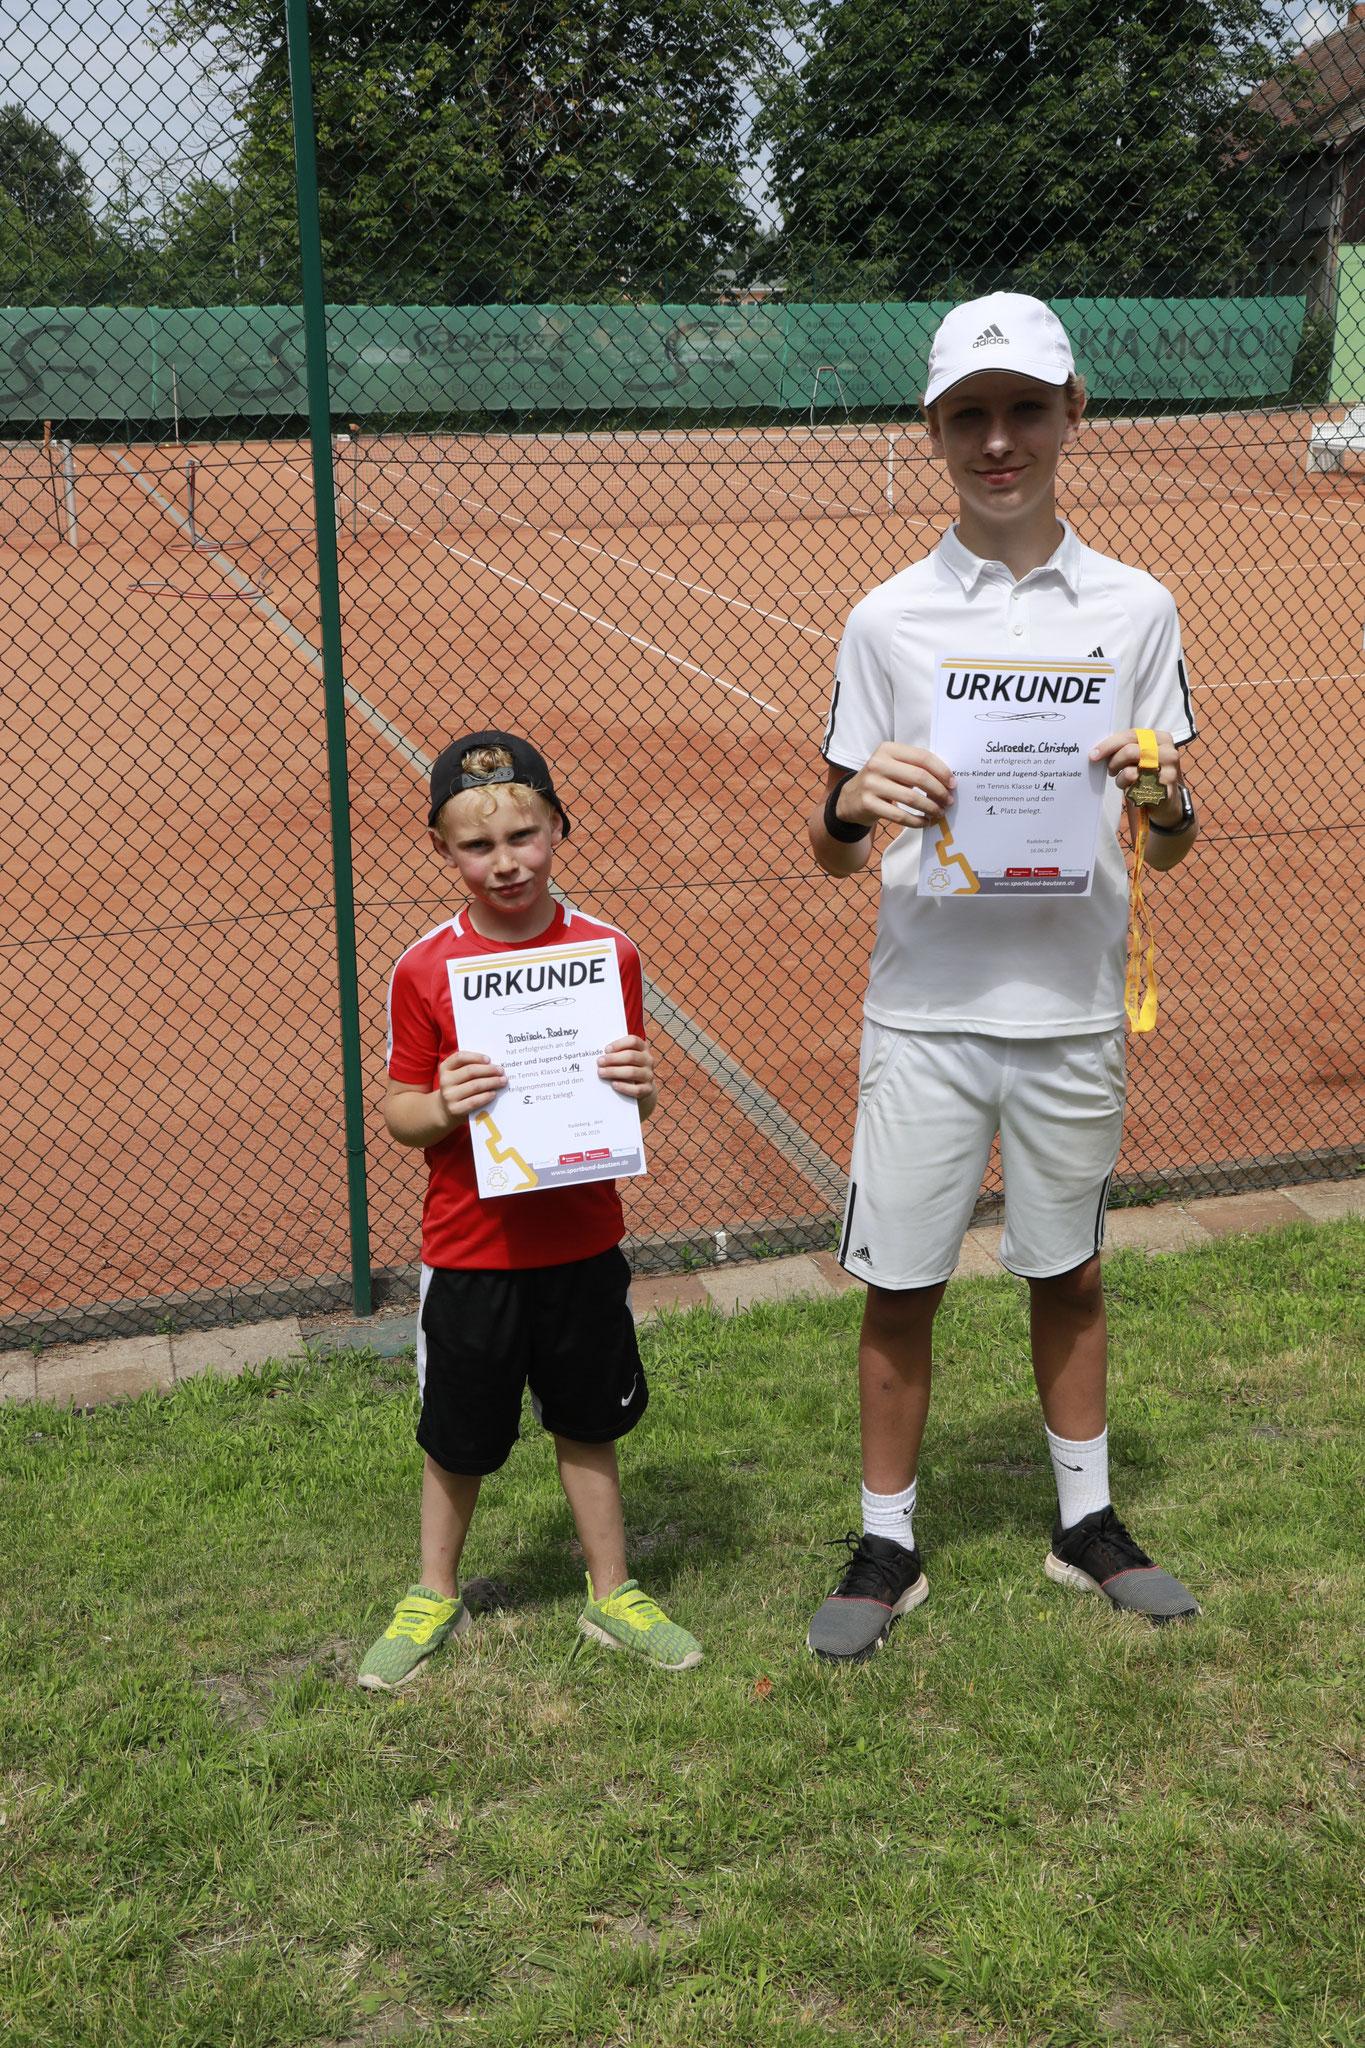 Den 1. Platz belegte Christoph Schroeder, den 5. Platz Rodney Drobisch